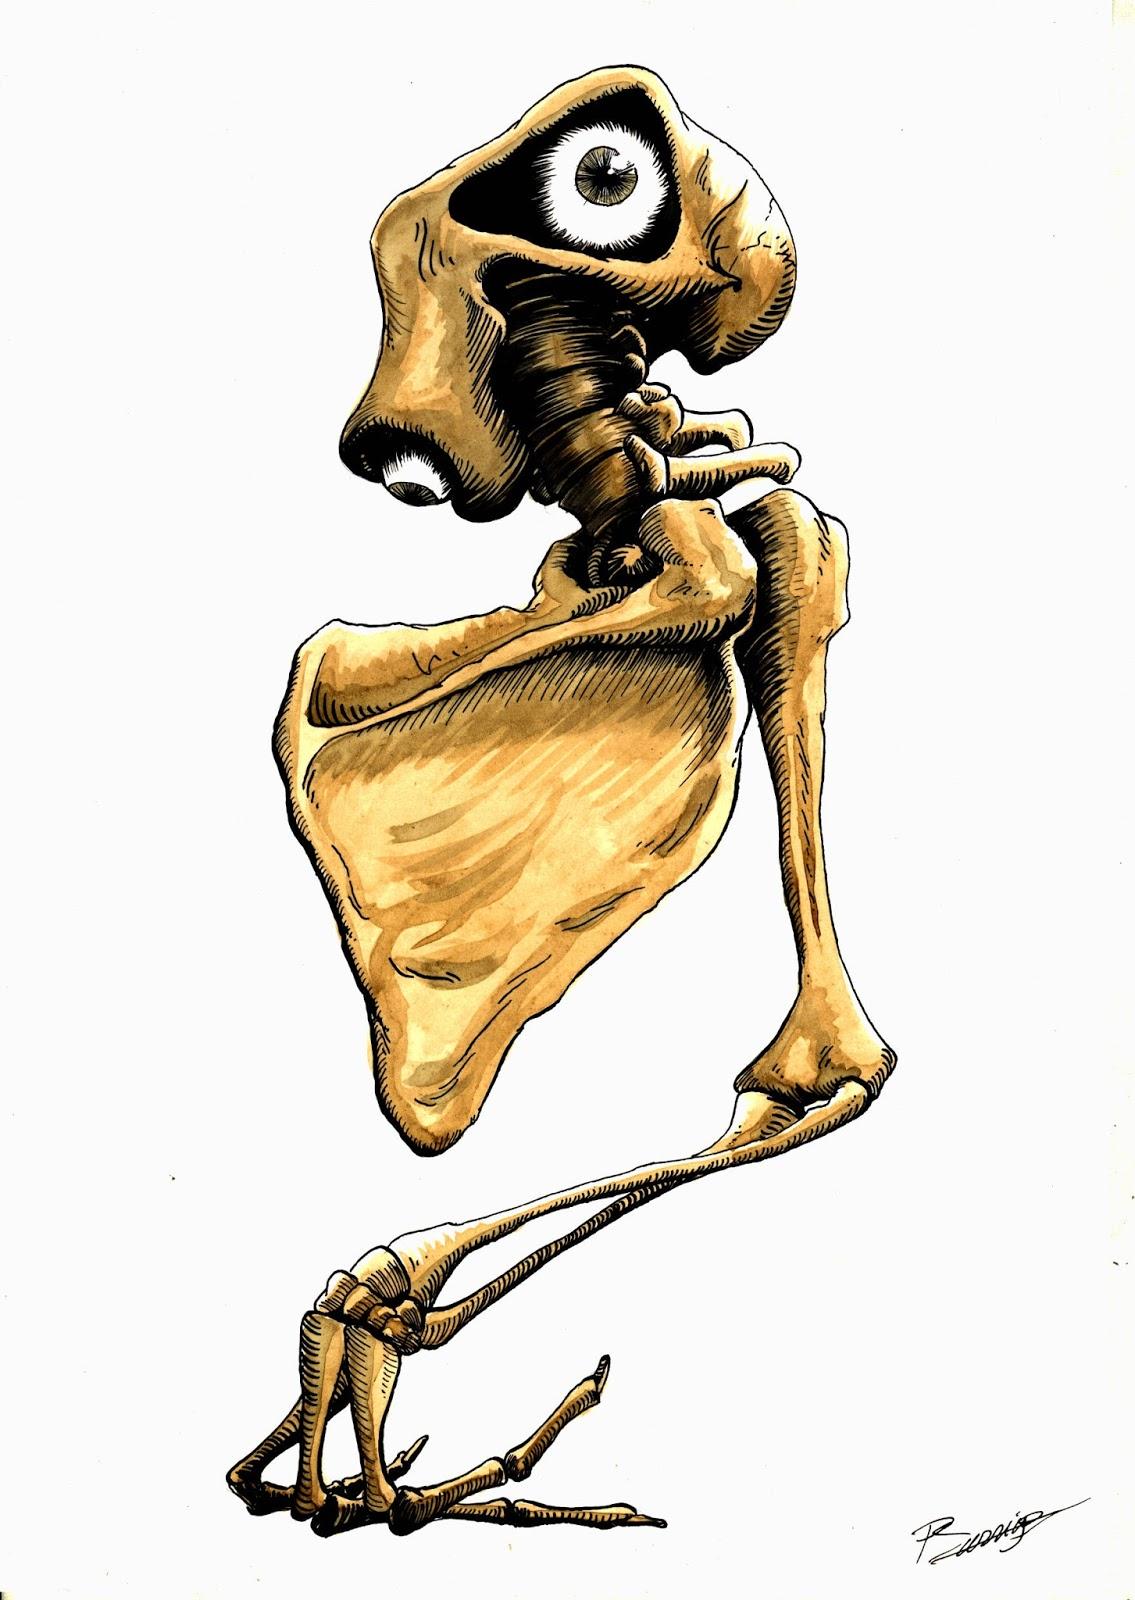 A4 Tinta china, cáscara de nuez- serie Macabre Anatomie